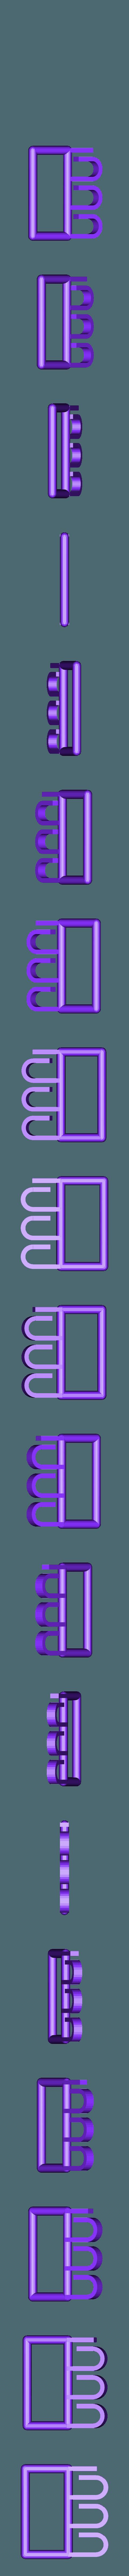 bagcarrier-v1.stl Télécharger fichier STL gratuit Porte-sacs (paramétrique) • Plan pour imprimante 3D, Baldshall